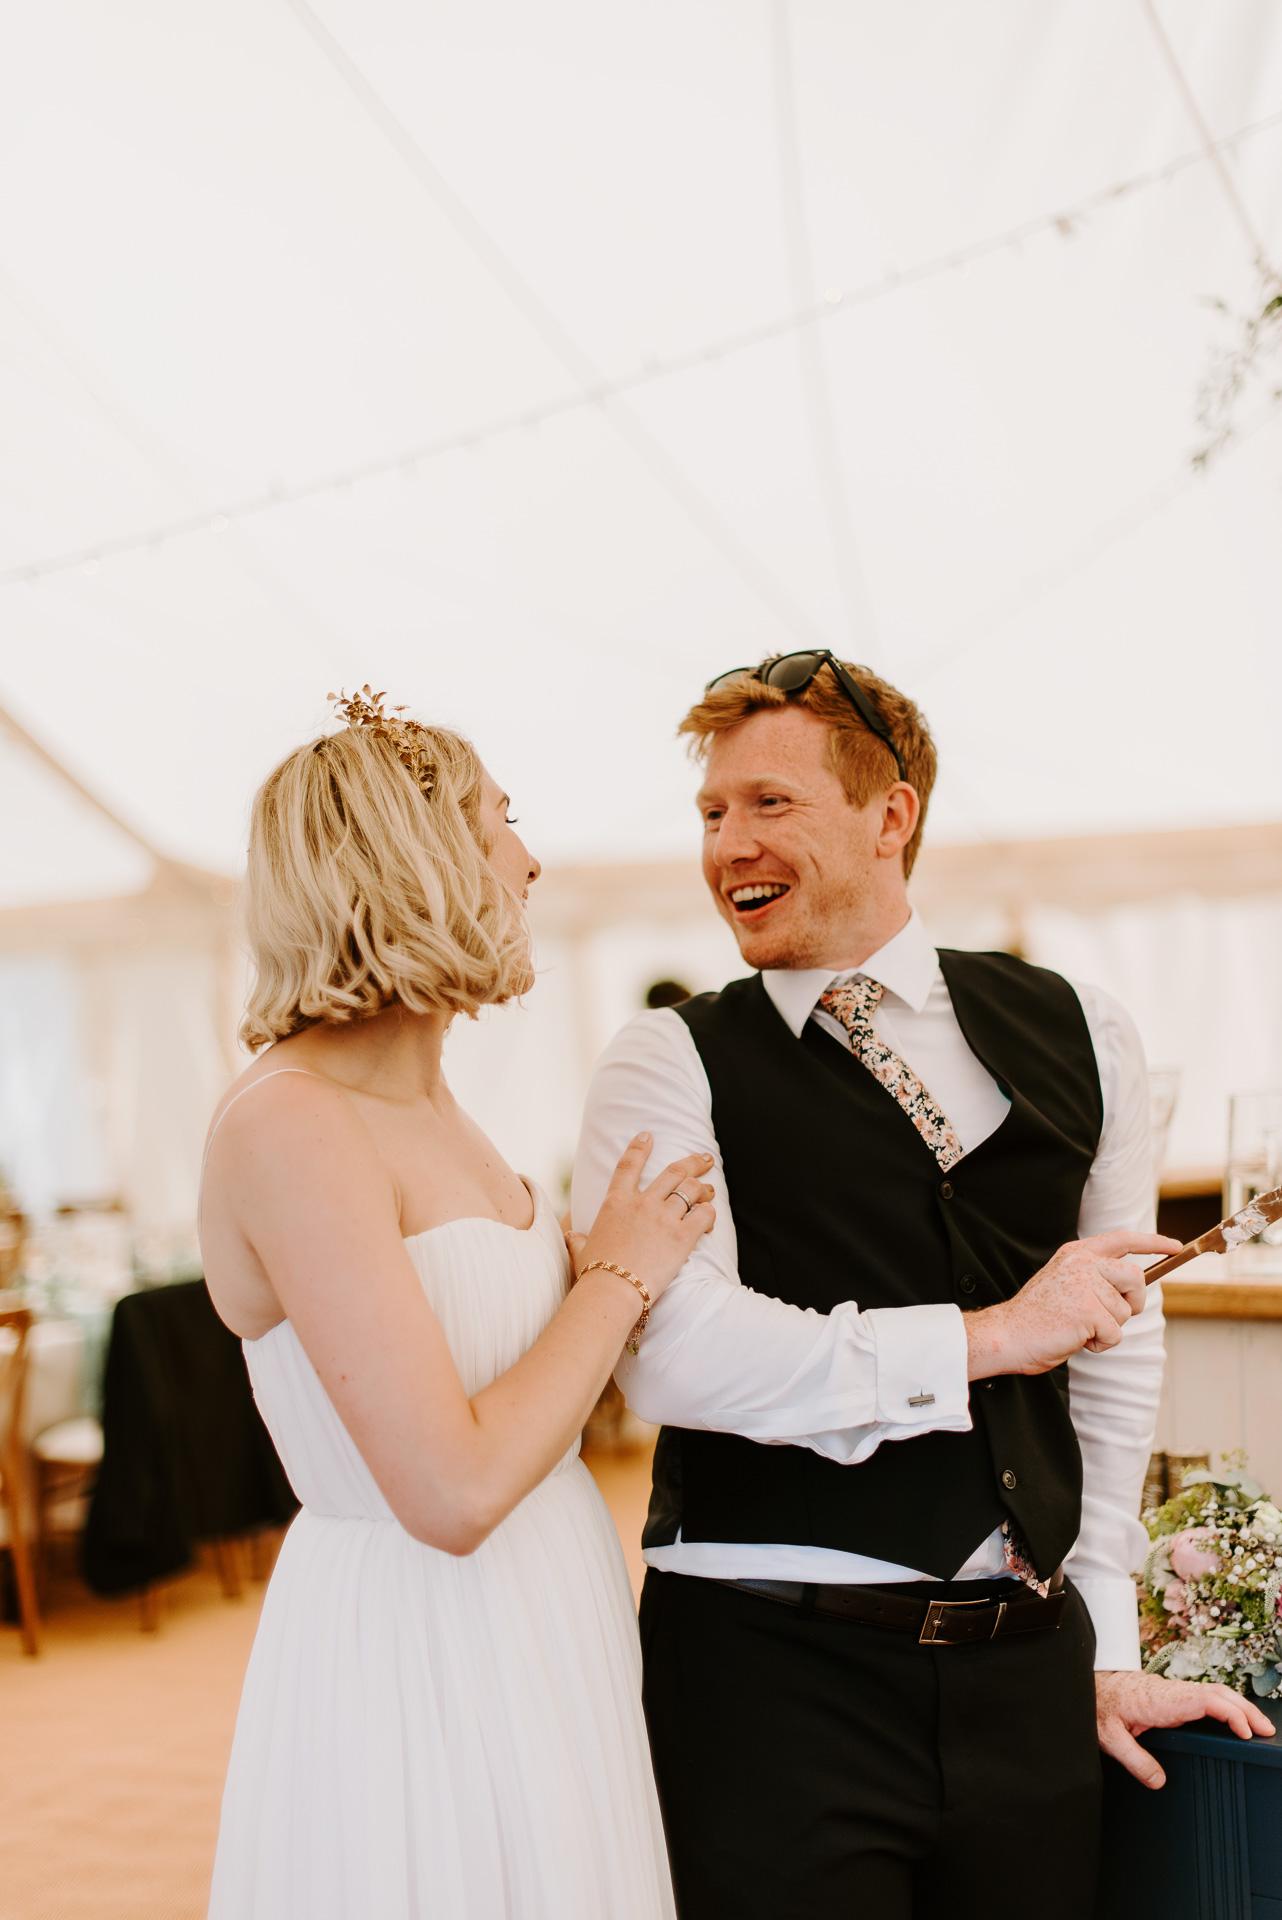 Henny_Jamie_East Sussex_Wedding_50.jpg